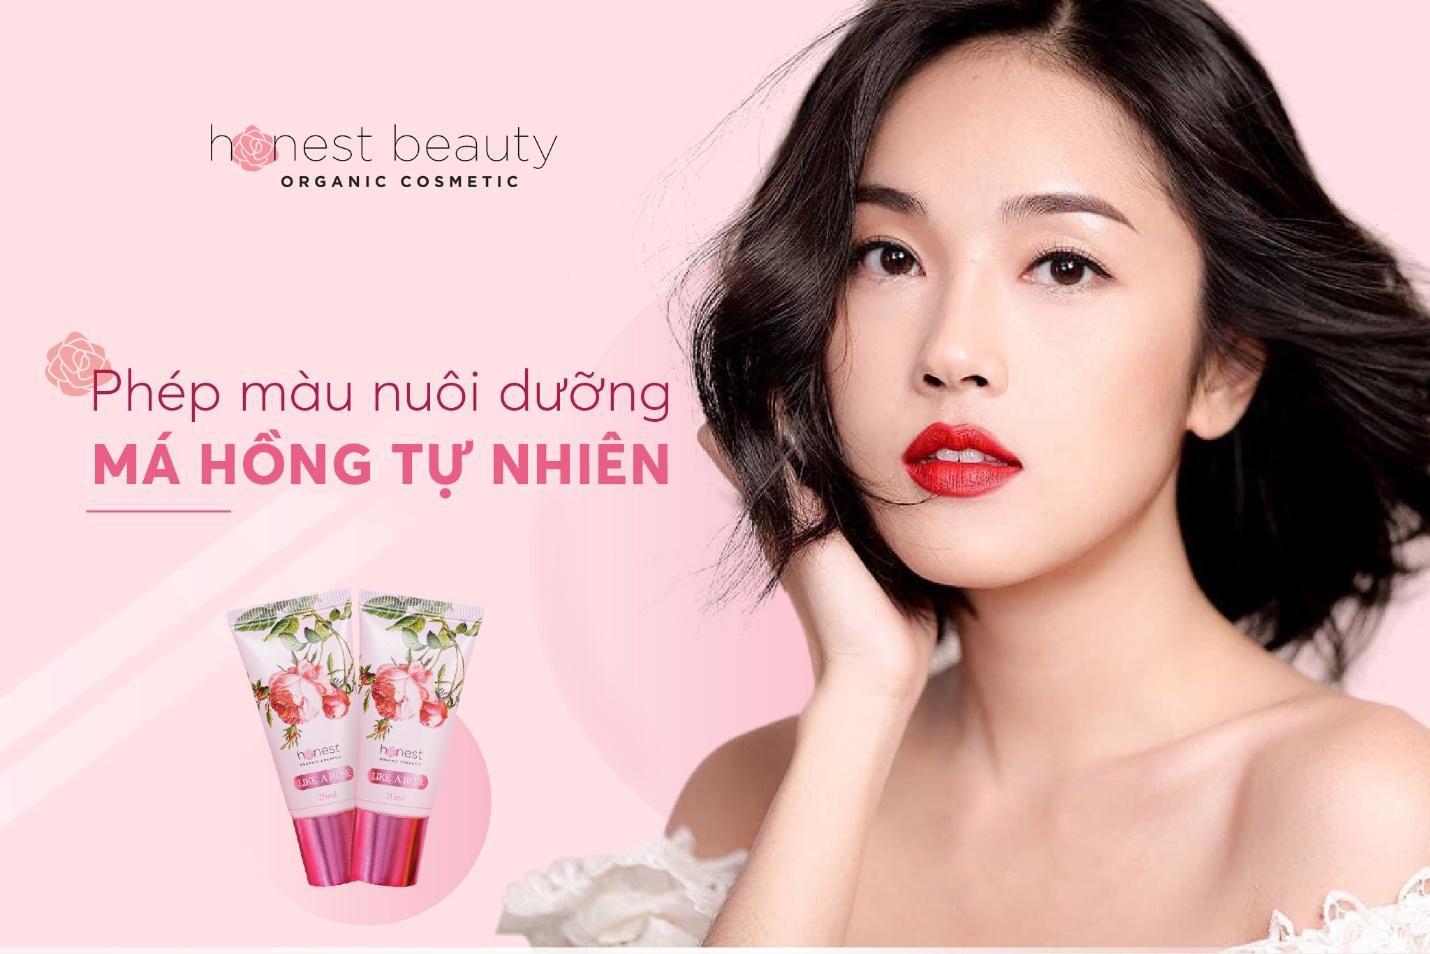 Giải mã cơn sốt kem dưỡng má hồng được hàng loạt beauty blogger săn đón - Ảnh 1.